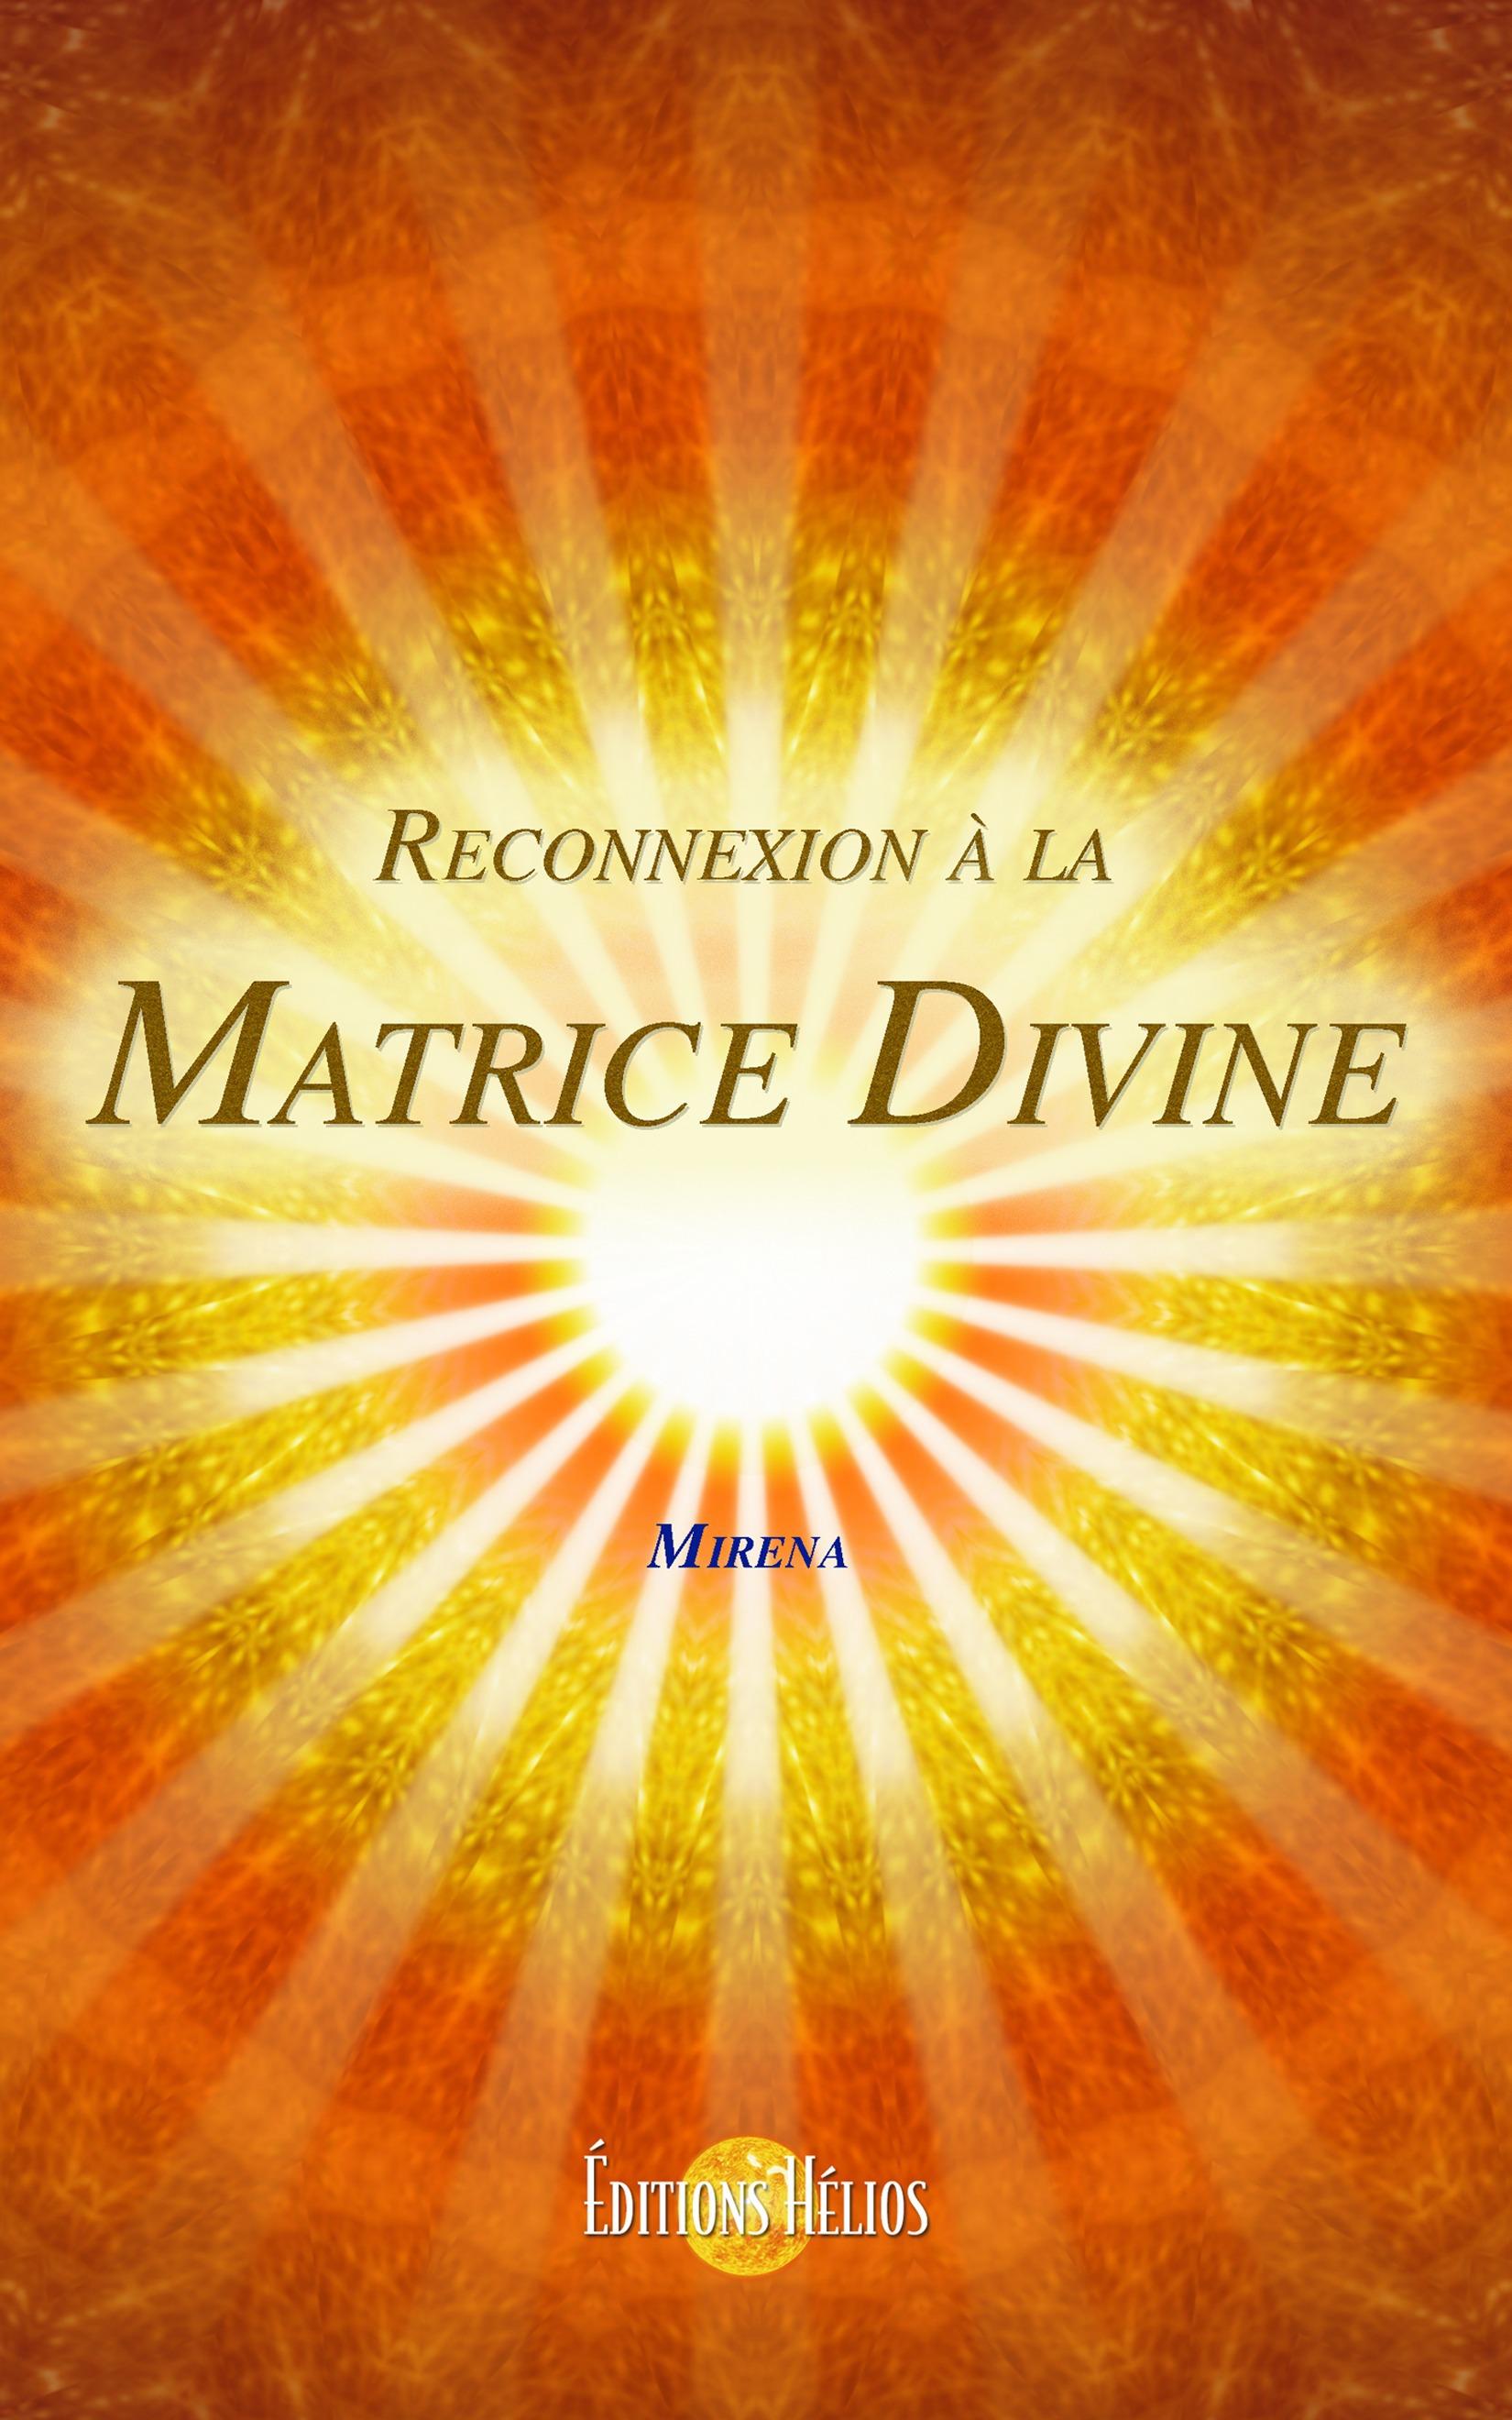 Reconnexion à la matrice divine